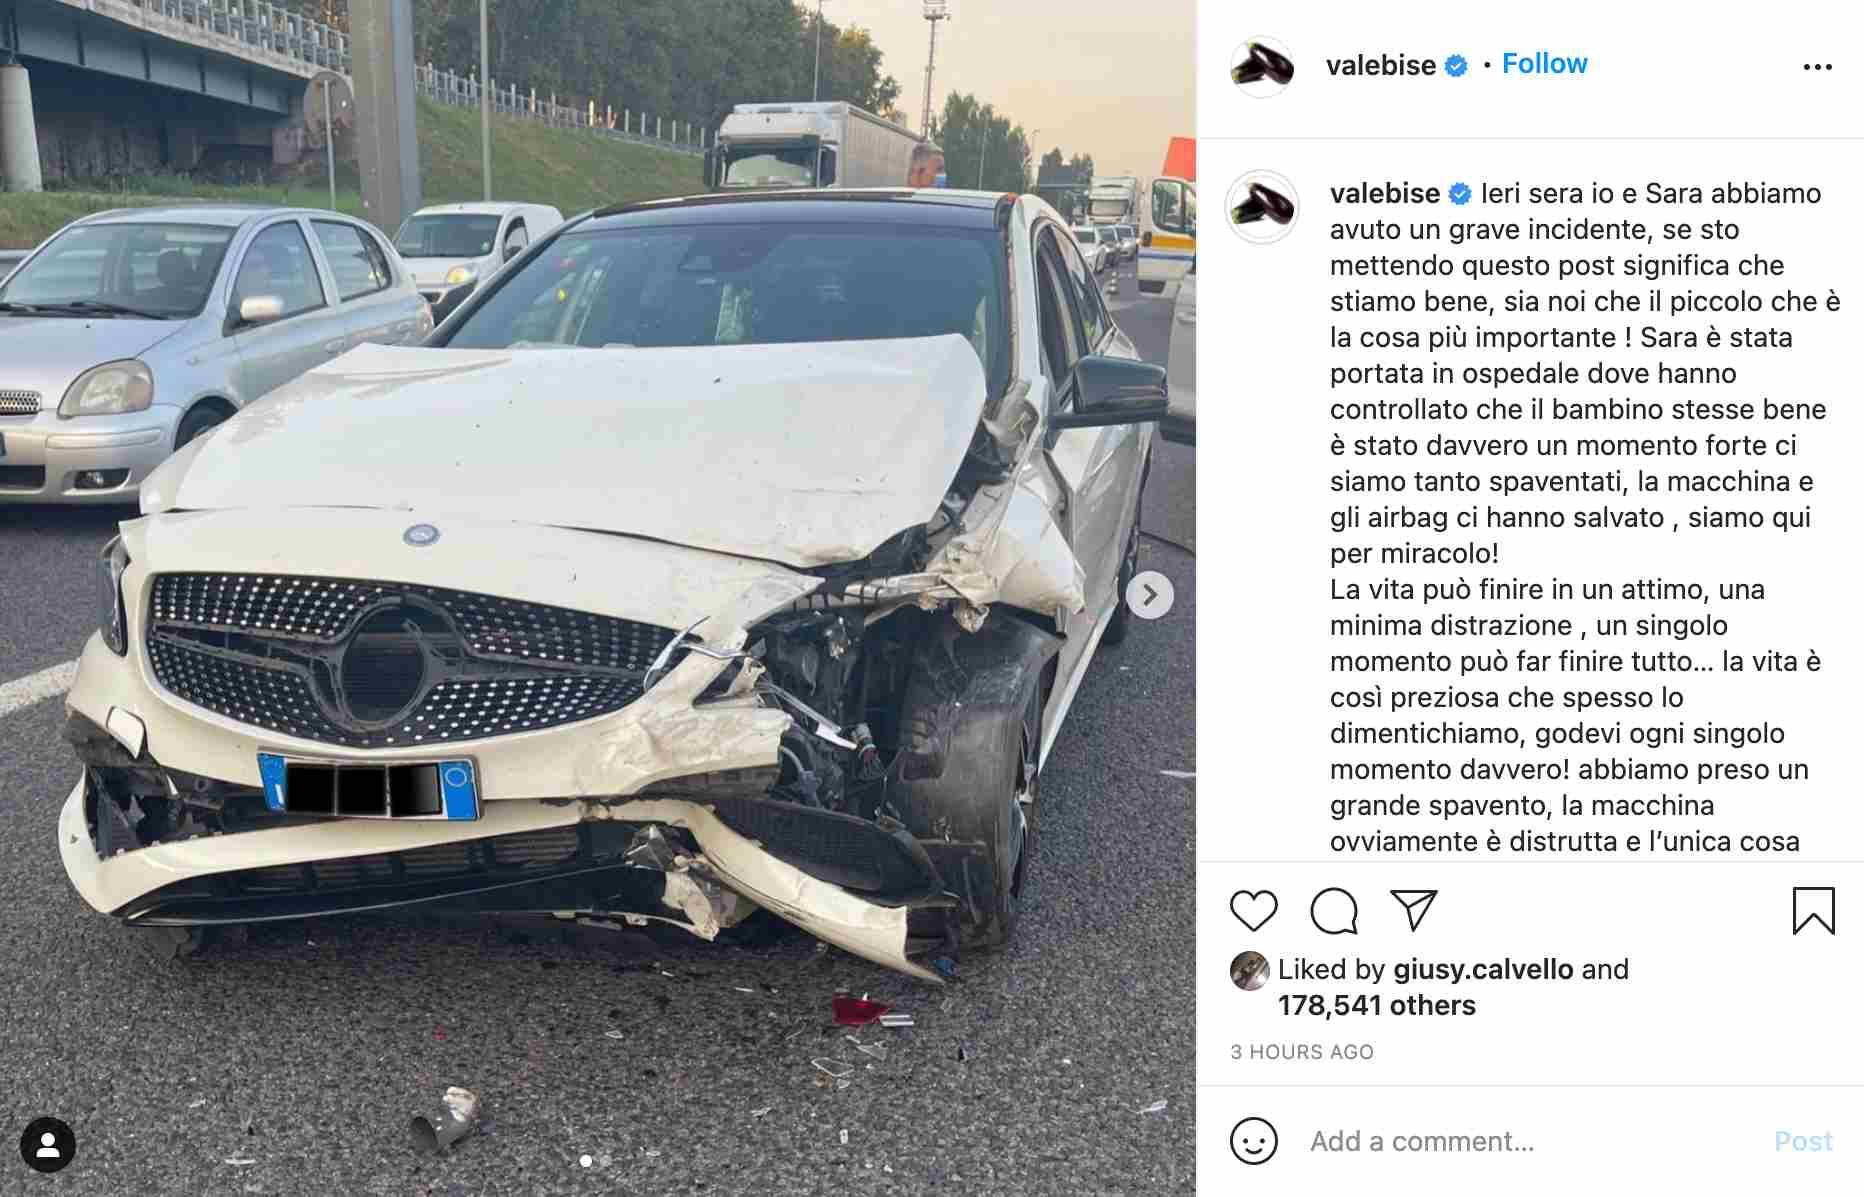 Il messaggio dello YouTuber Vale Bise, del duo Matt Bise, subito dopo l'incidente (fonte: Instagram).